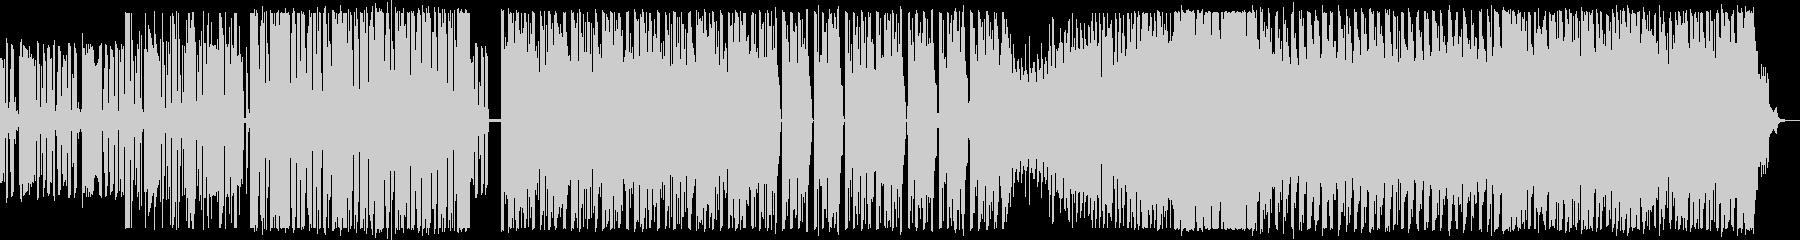 シンセサイザーが中心の攻撃的なEDMの未再生の波形